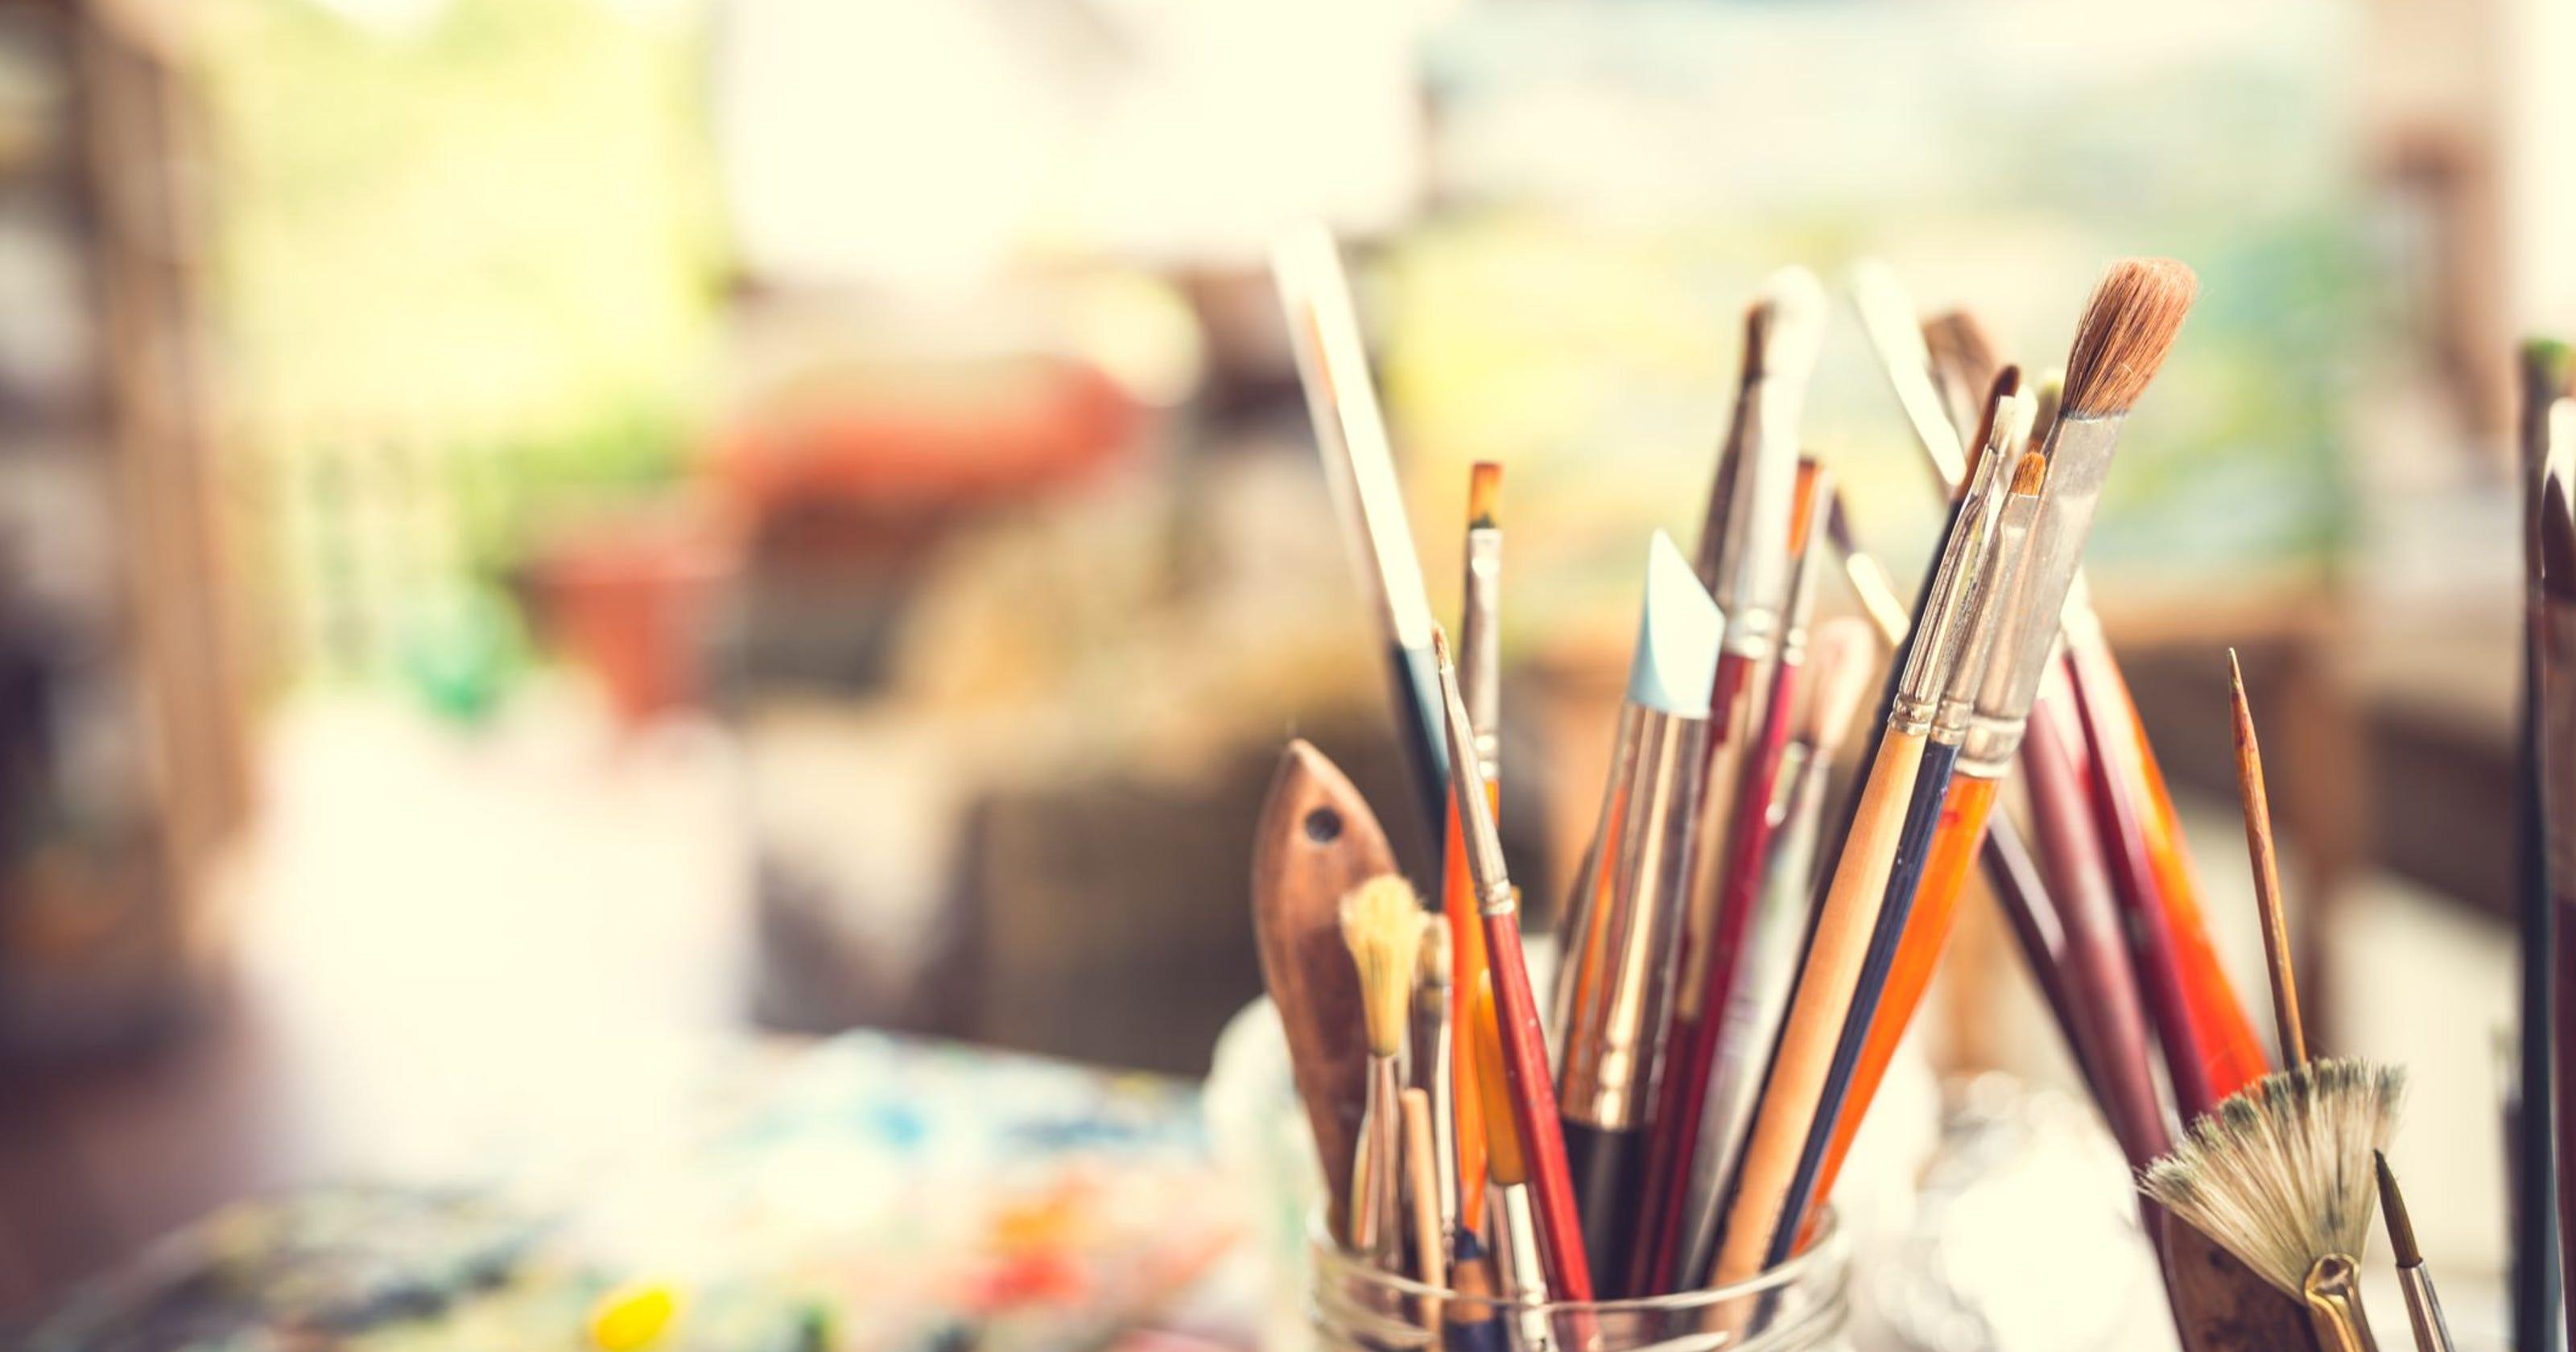 Рейтинг лучших художественных школ в Казани в 2020 году